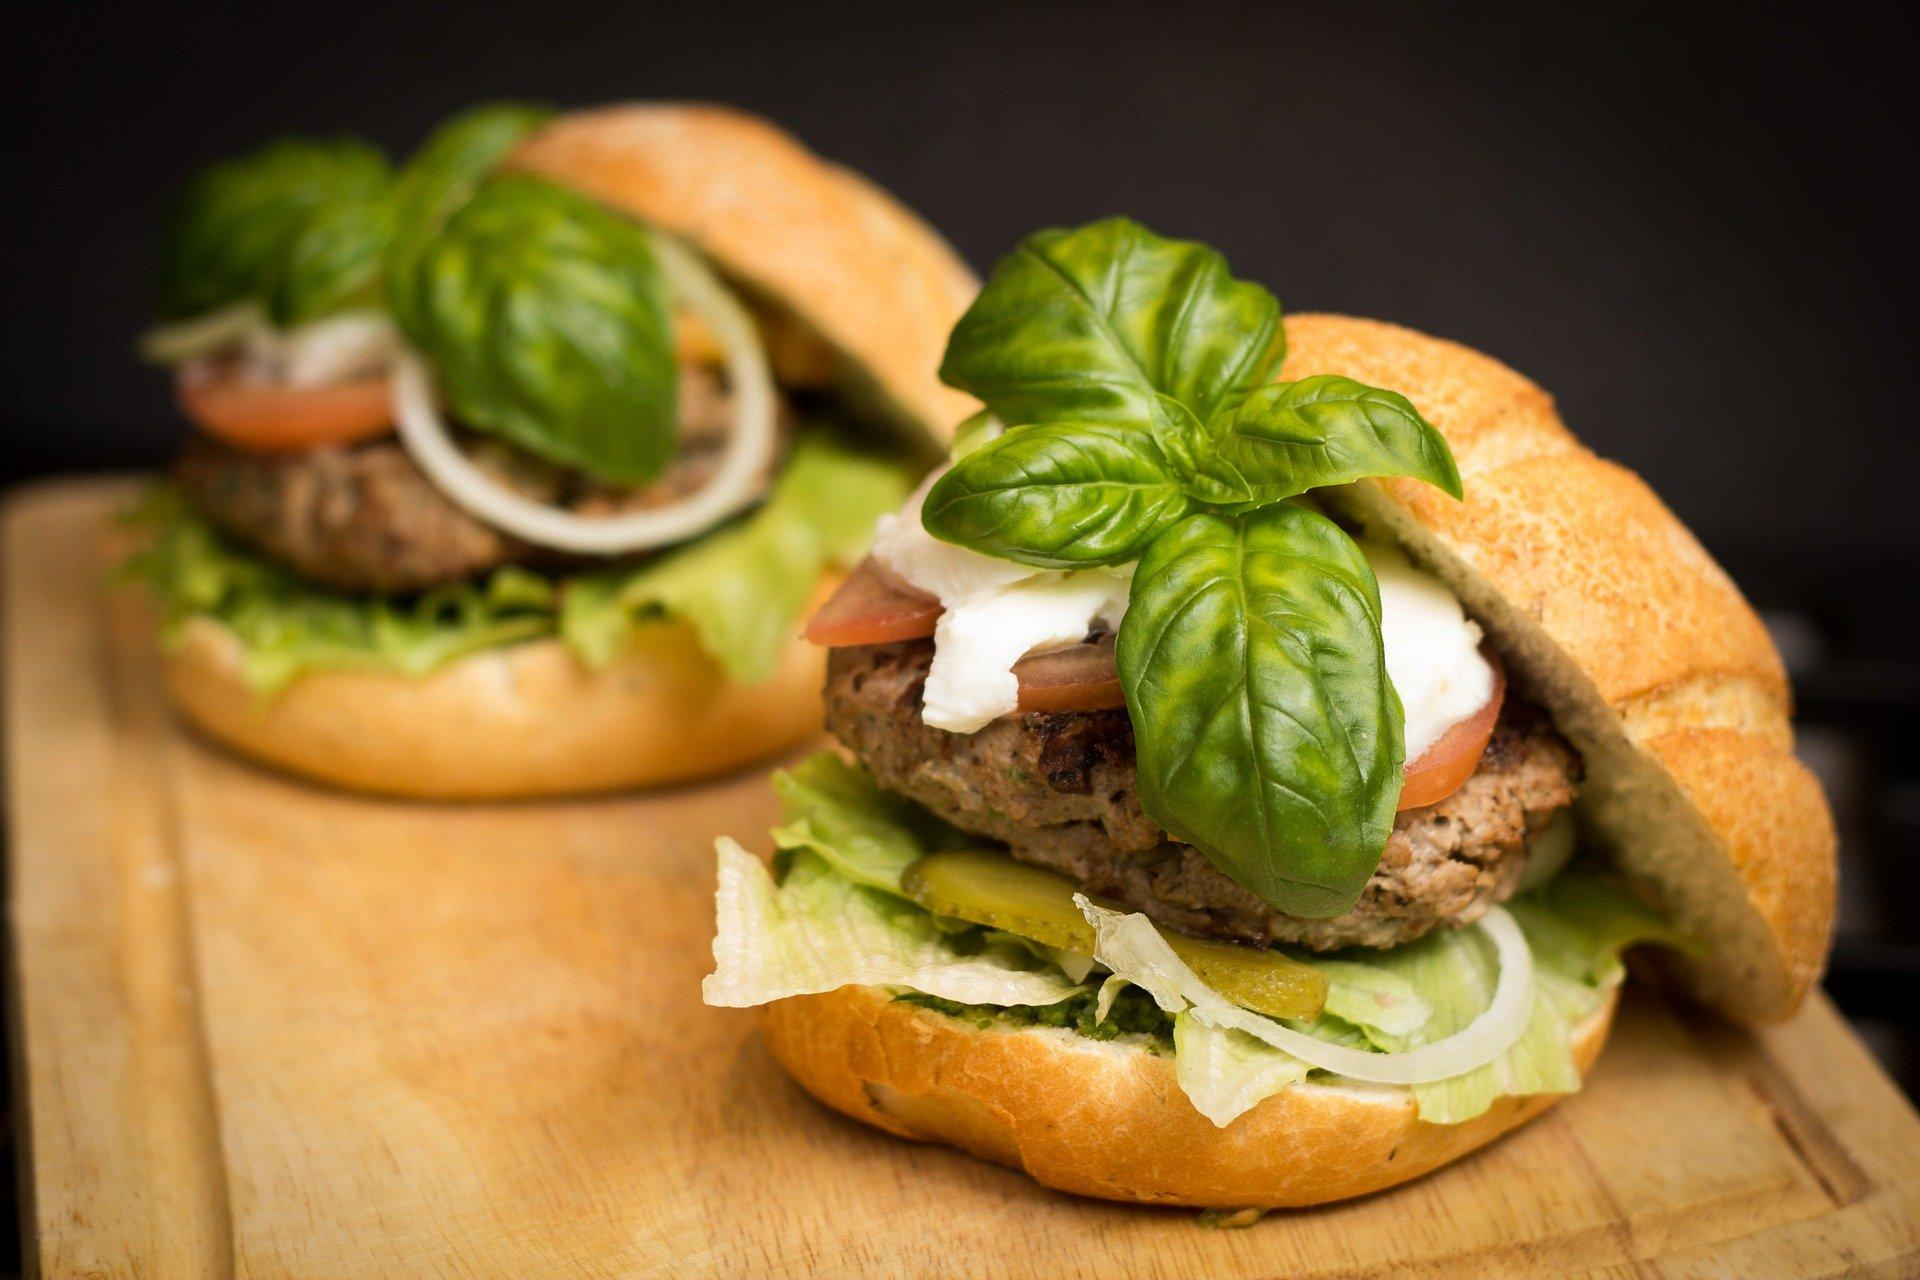 Pizza i burgery najpopularniejsze w dostawie – raport #FoodDelivery2020